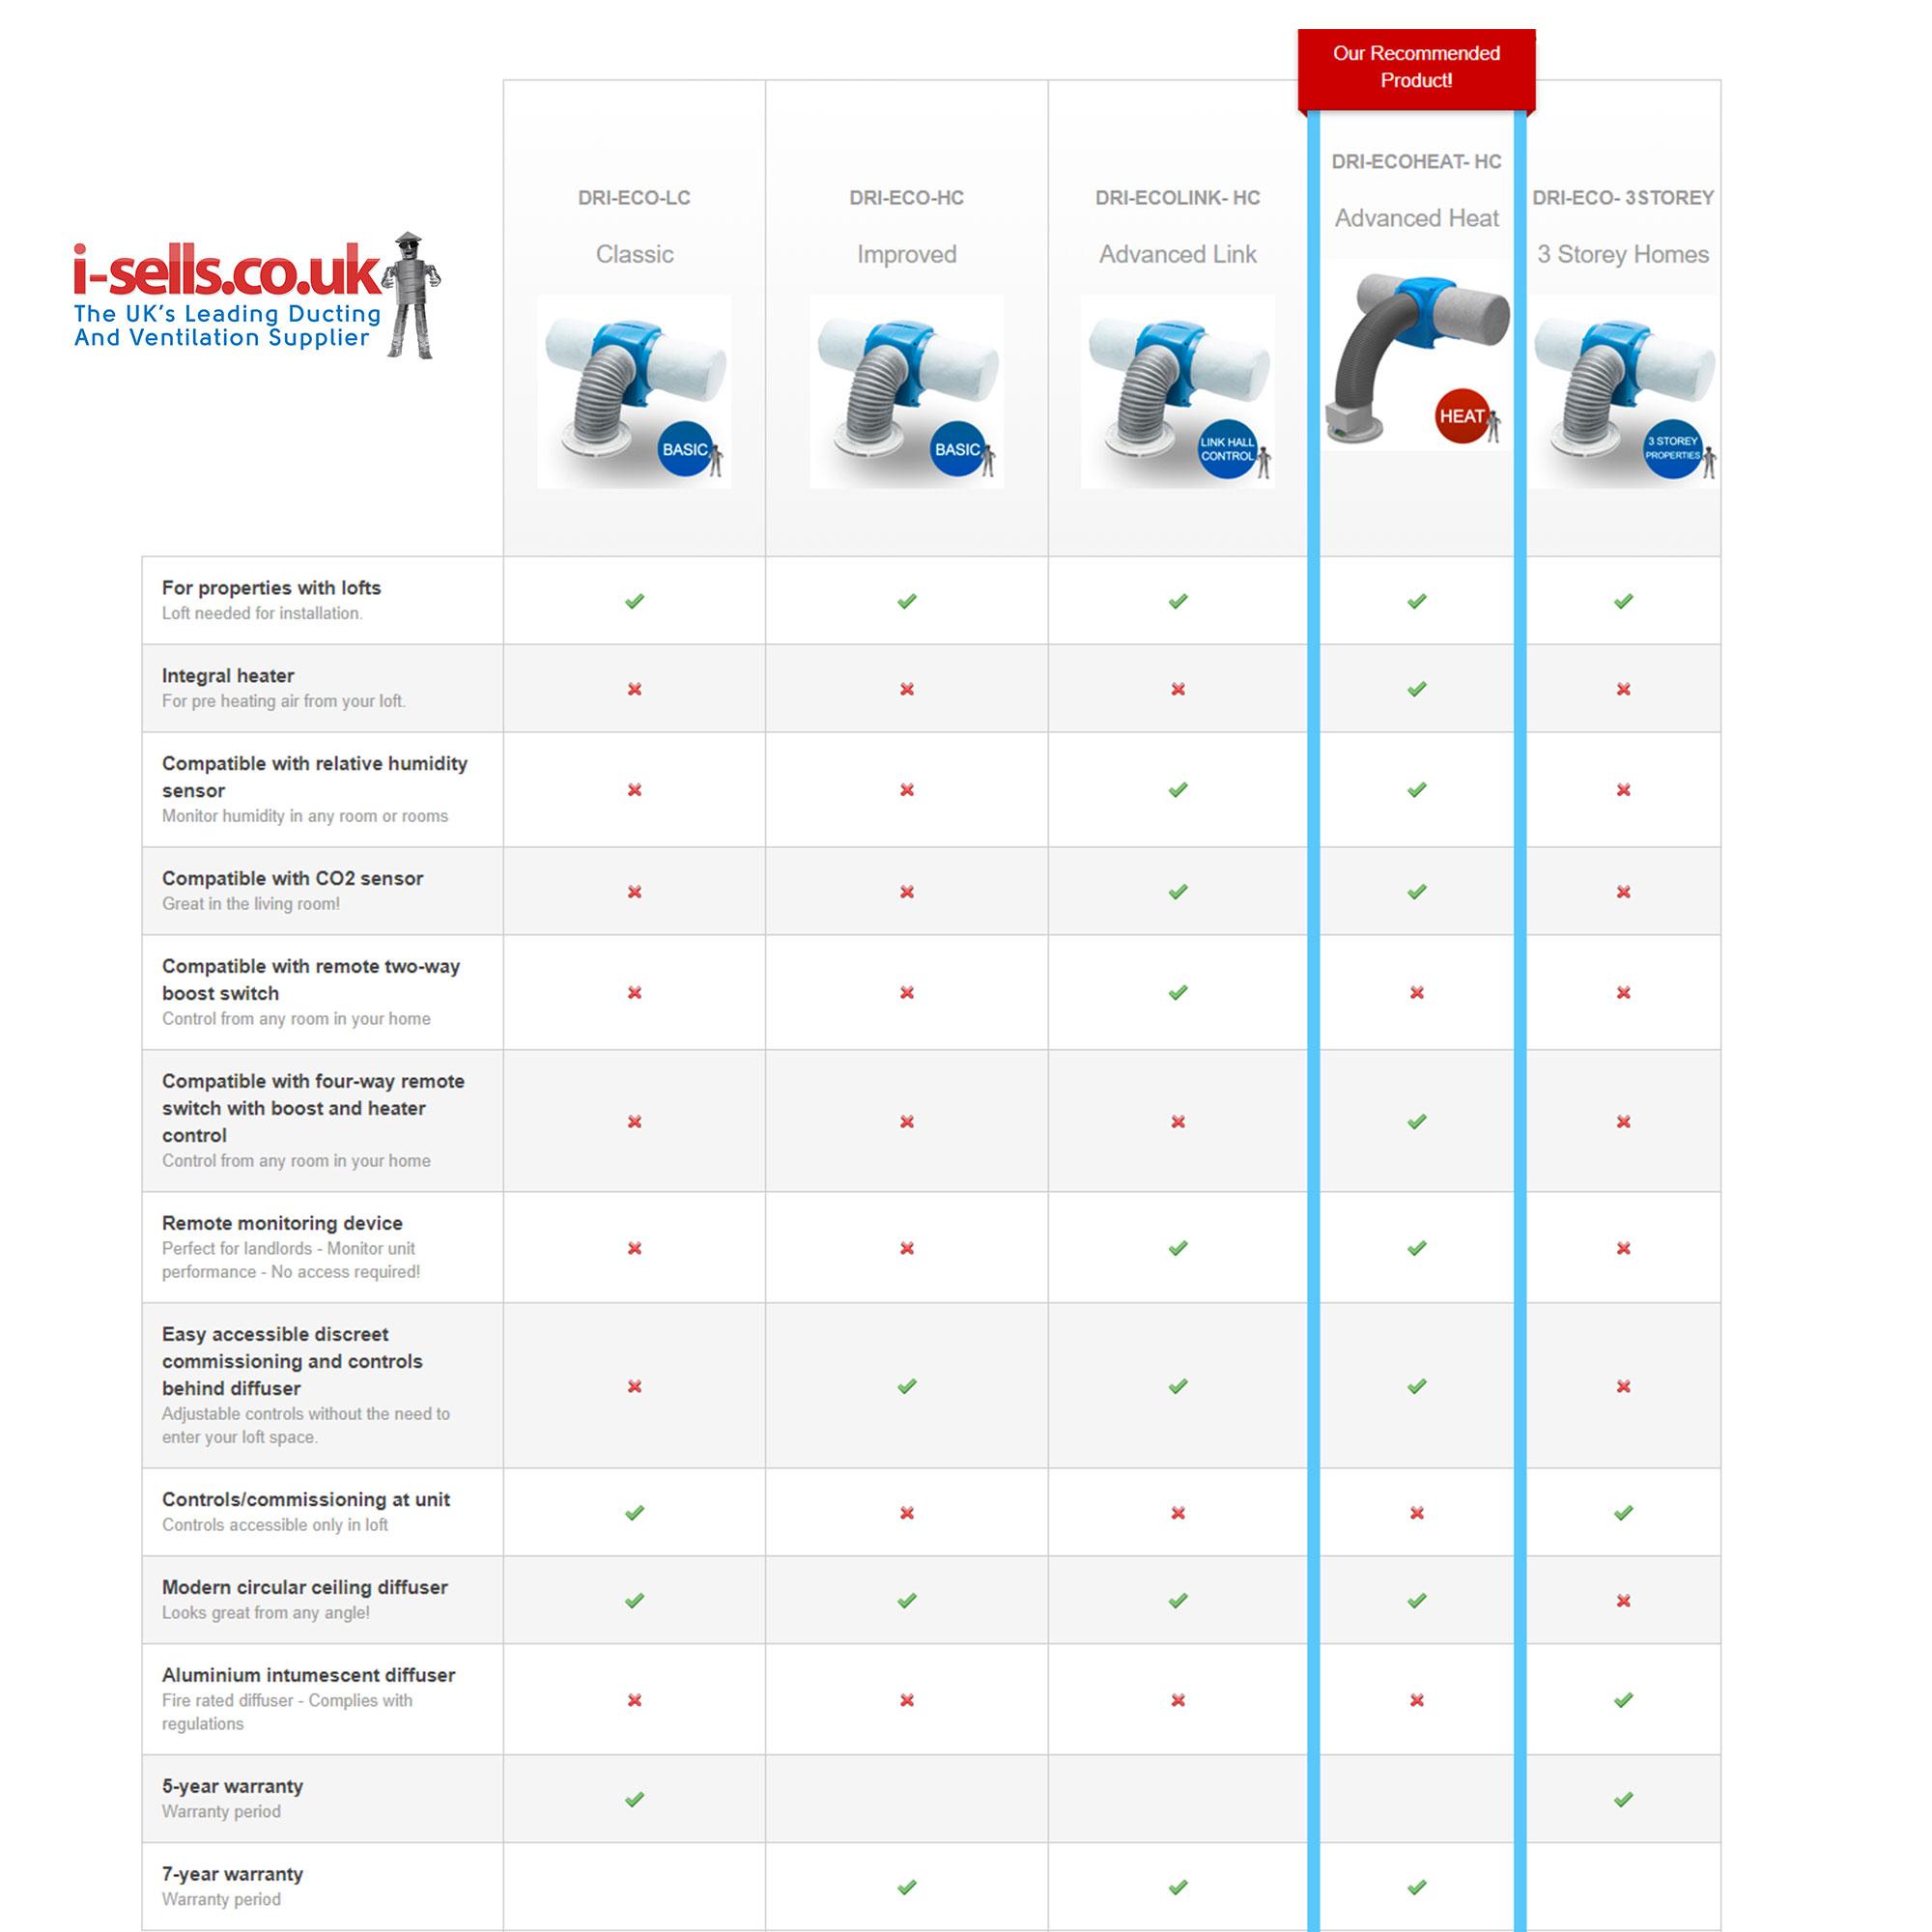 Nuaire Drimaster Eco Basic Loft Control Positive Input Ventilation Unit